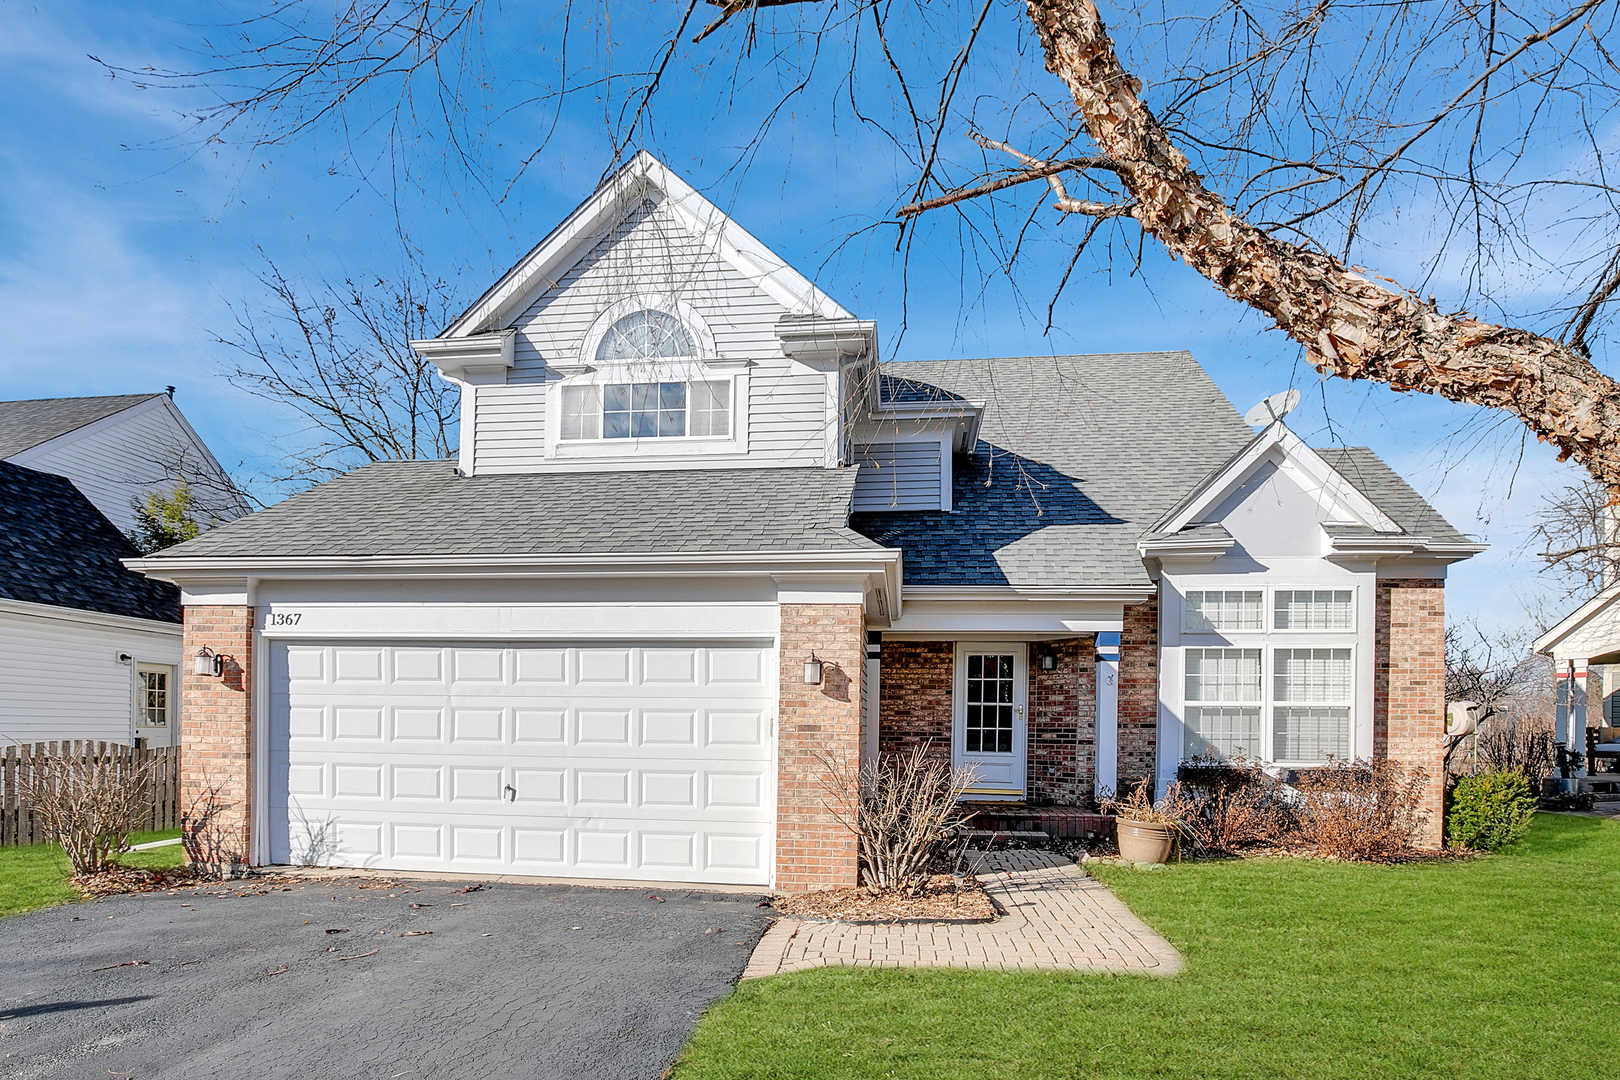 1367 Amherst Court, Grayslake, Illinois 60030